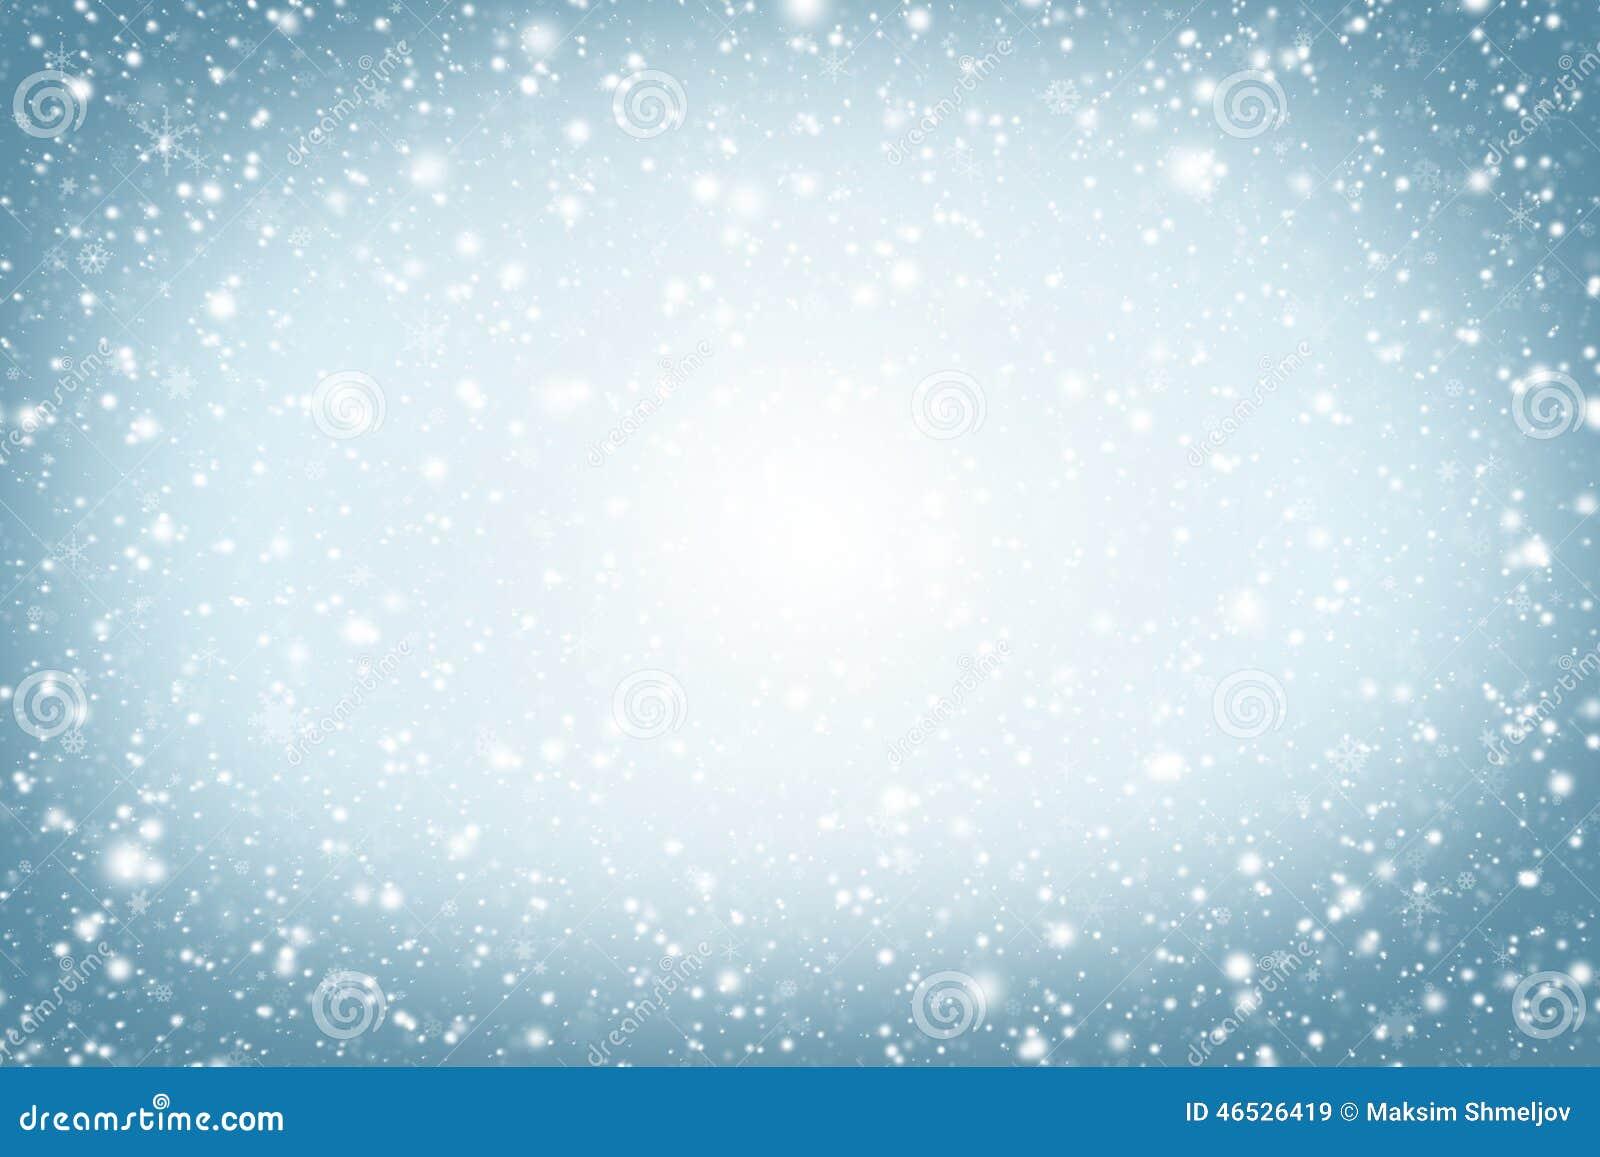 La Navidad Cielo, copos de nieve y estrellas del invierno